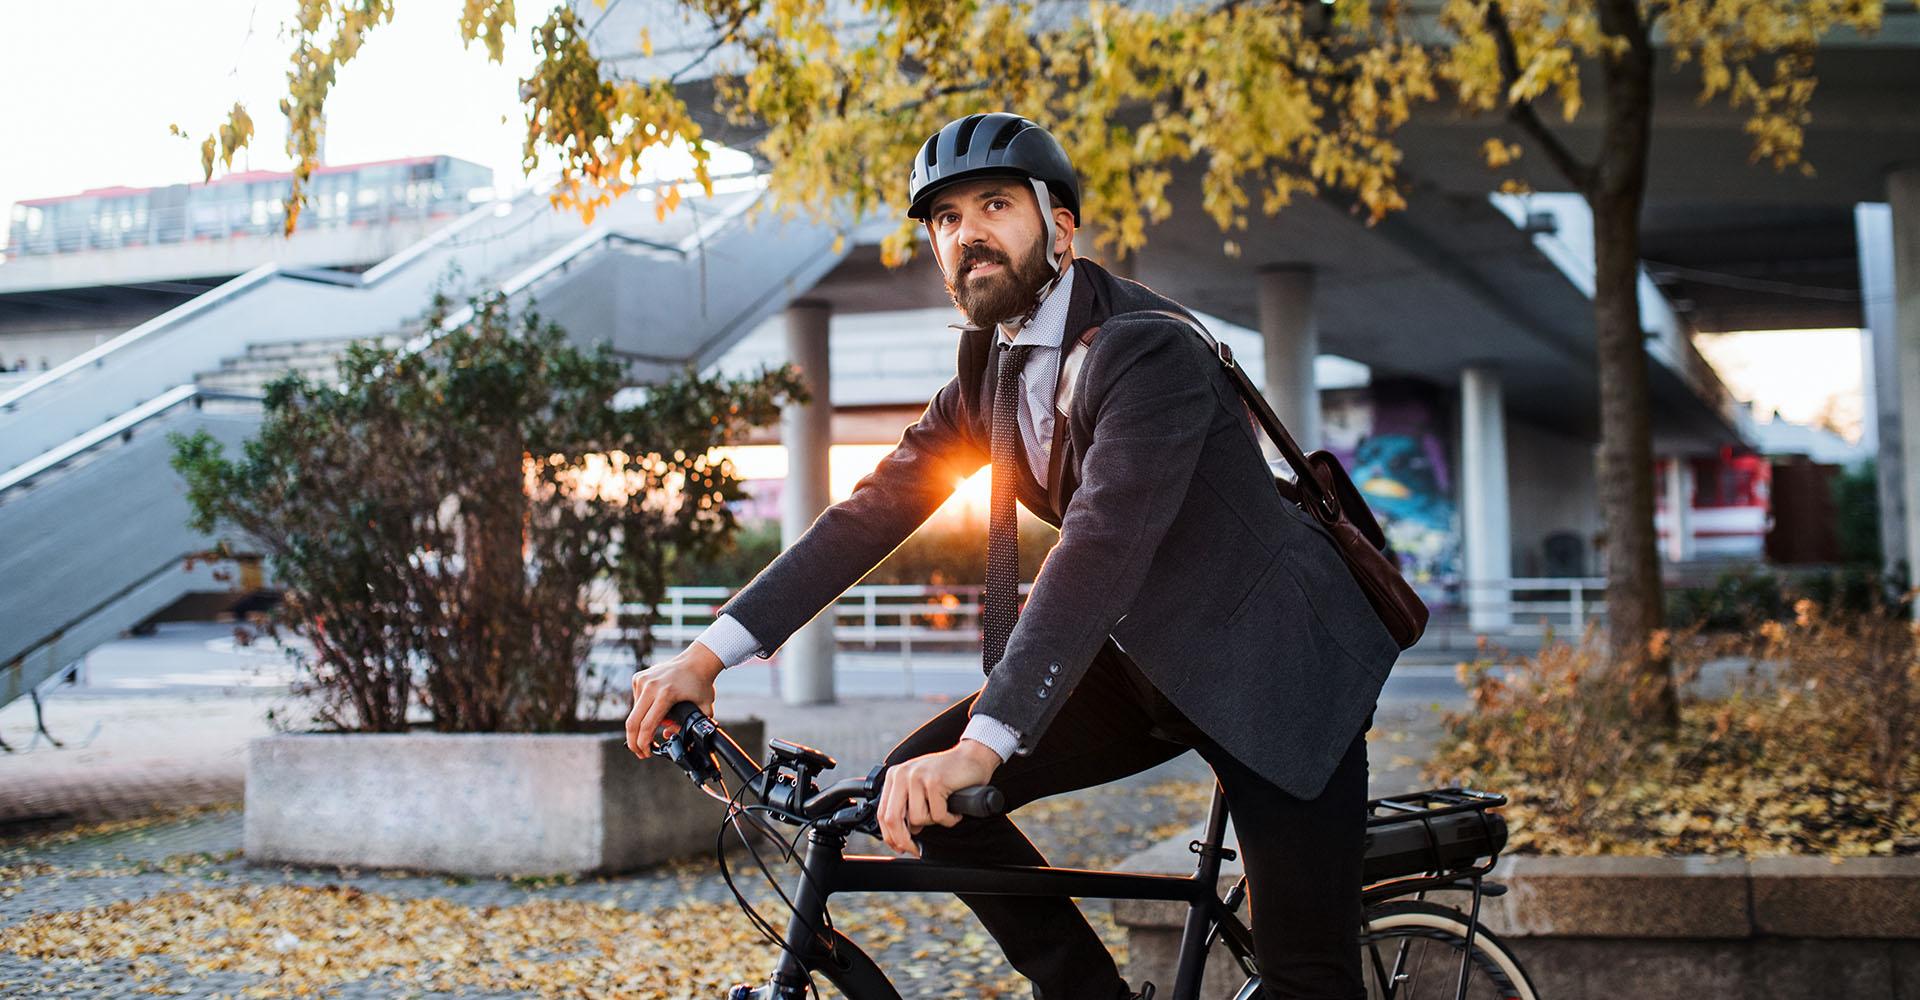 Met de fiets naar het werk: dat loont!